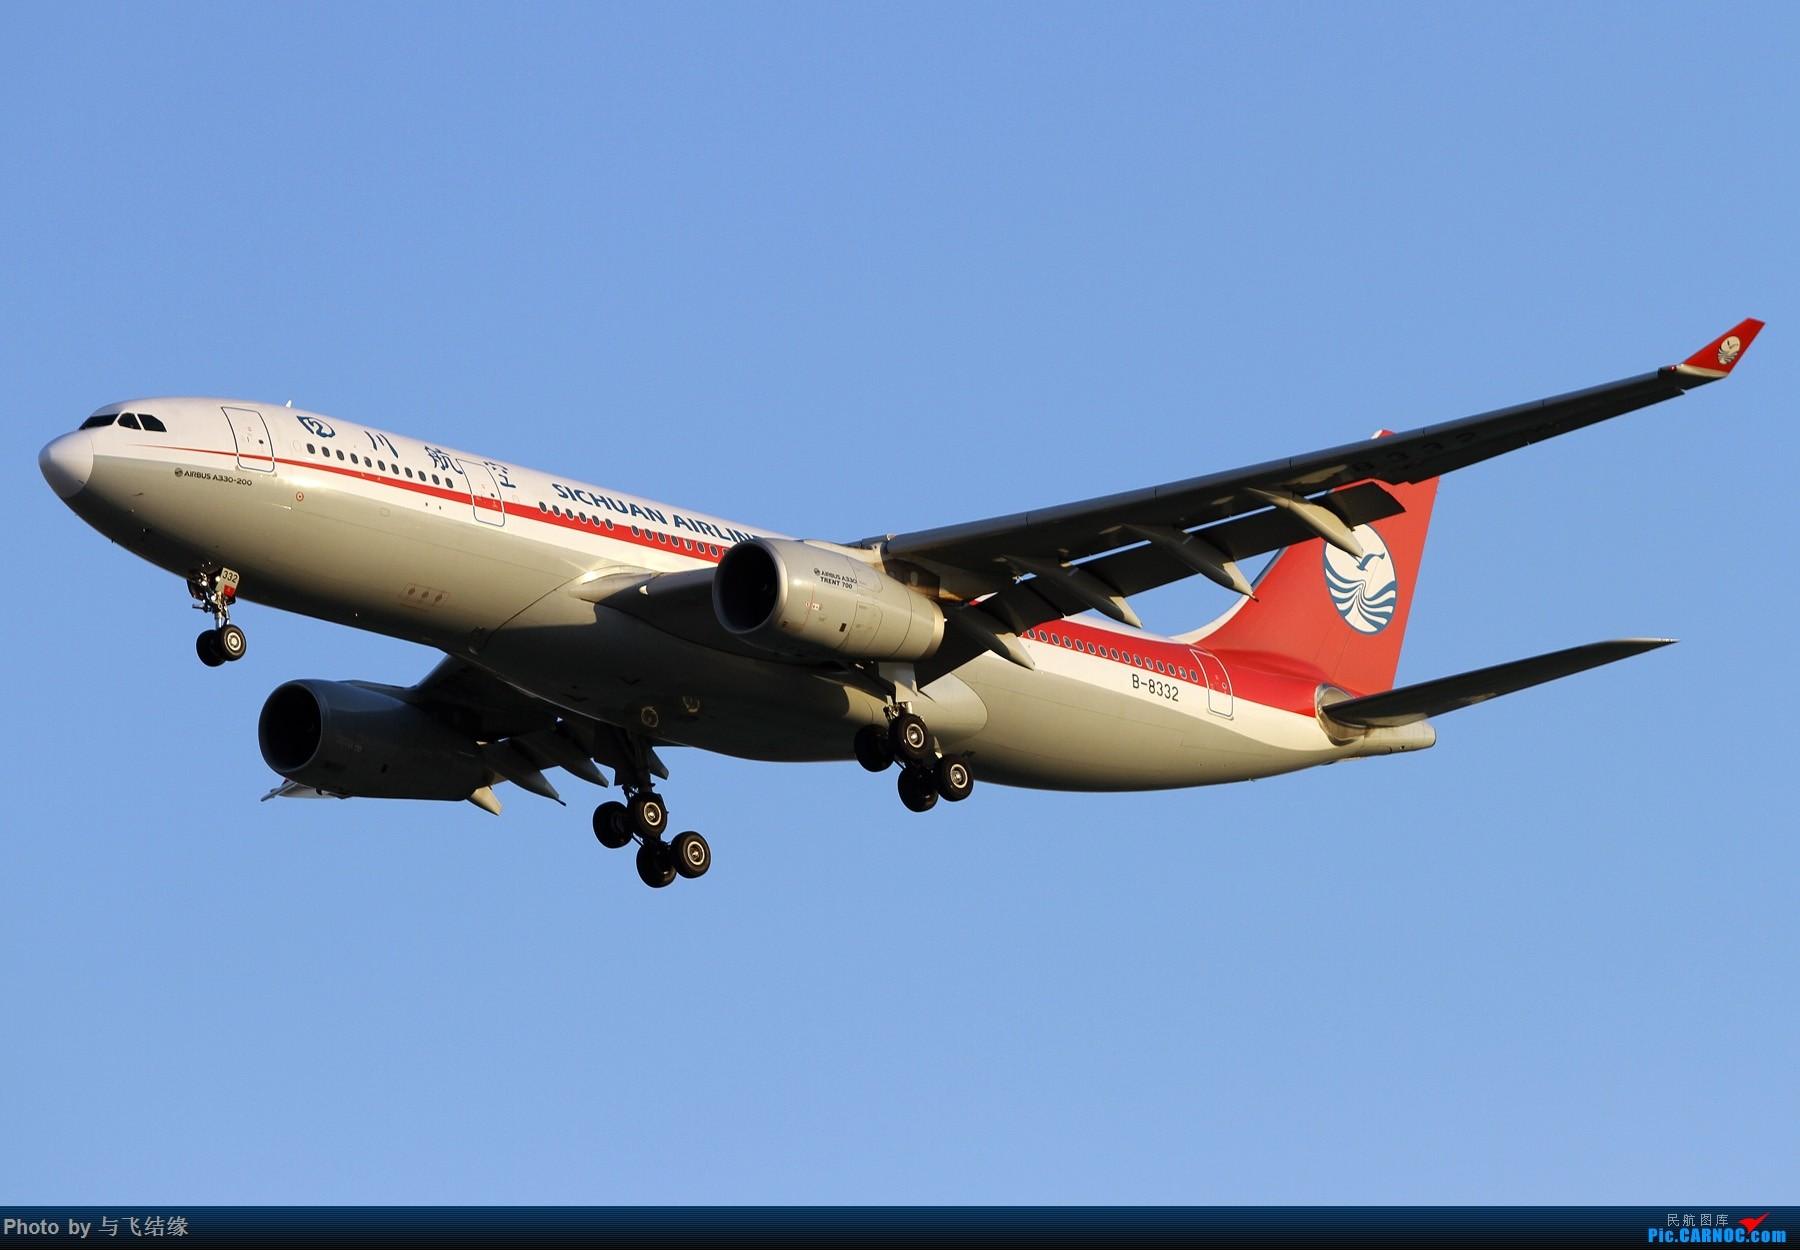 Re:[原创]十二月十号天气不错,楼了几张拙作出来露个脸发一下。 AIRBUS A330-200 B-8332 中国北京首都国际机场